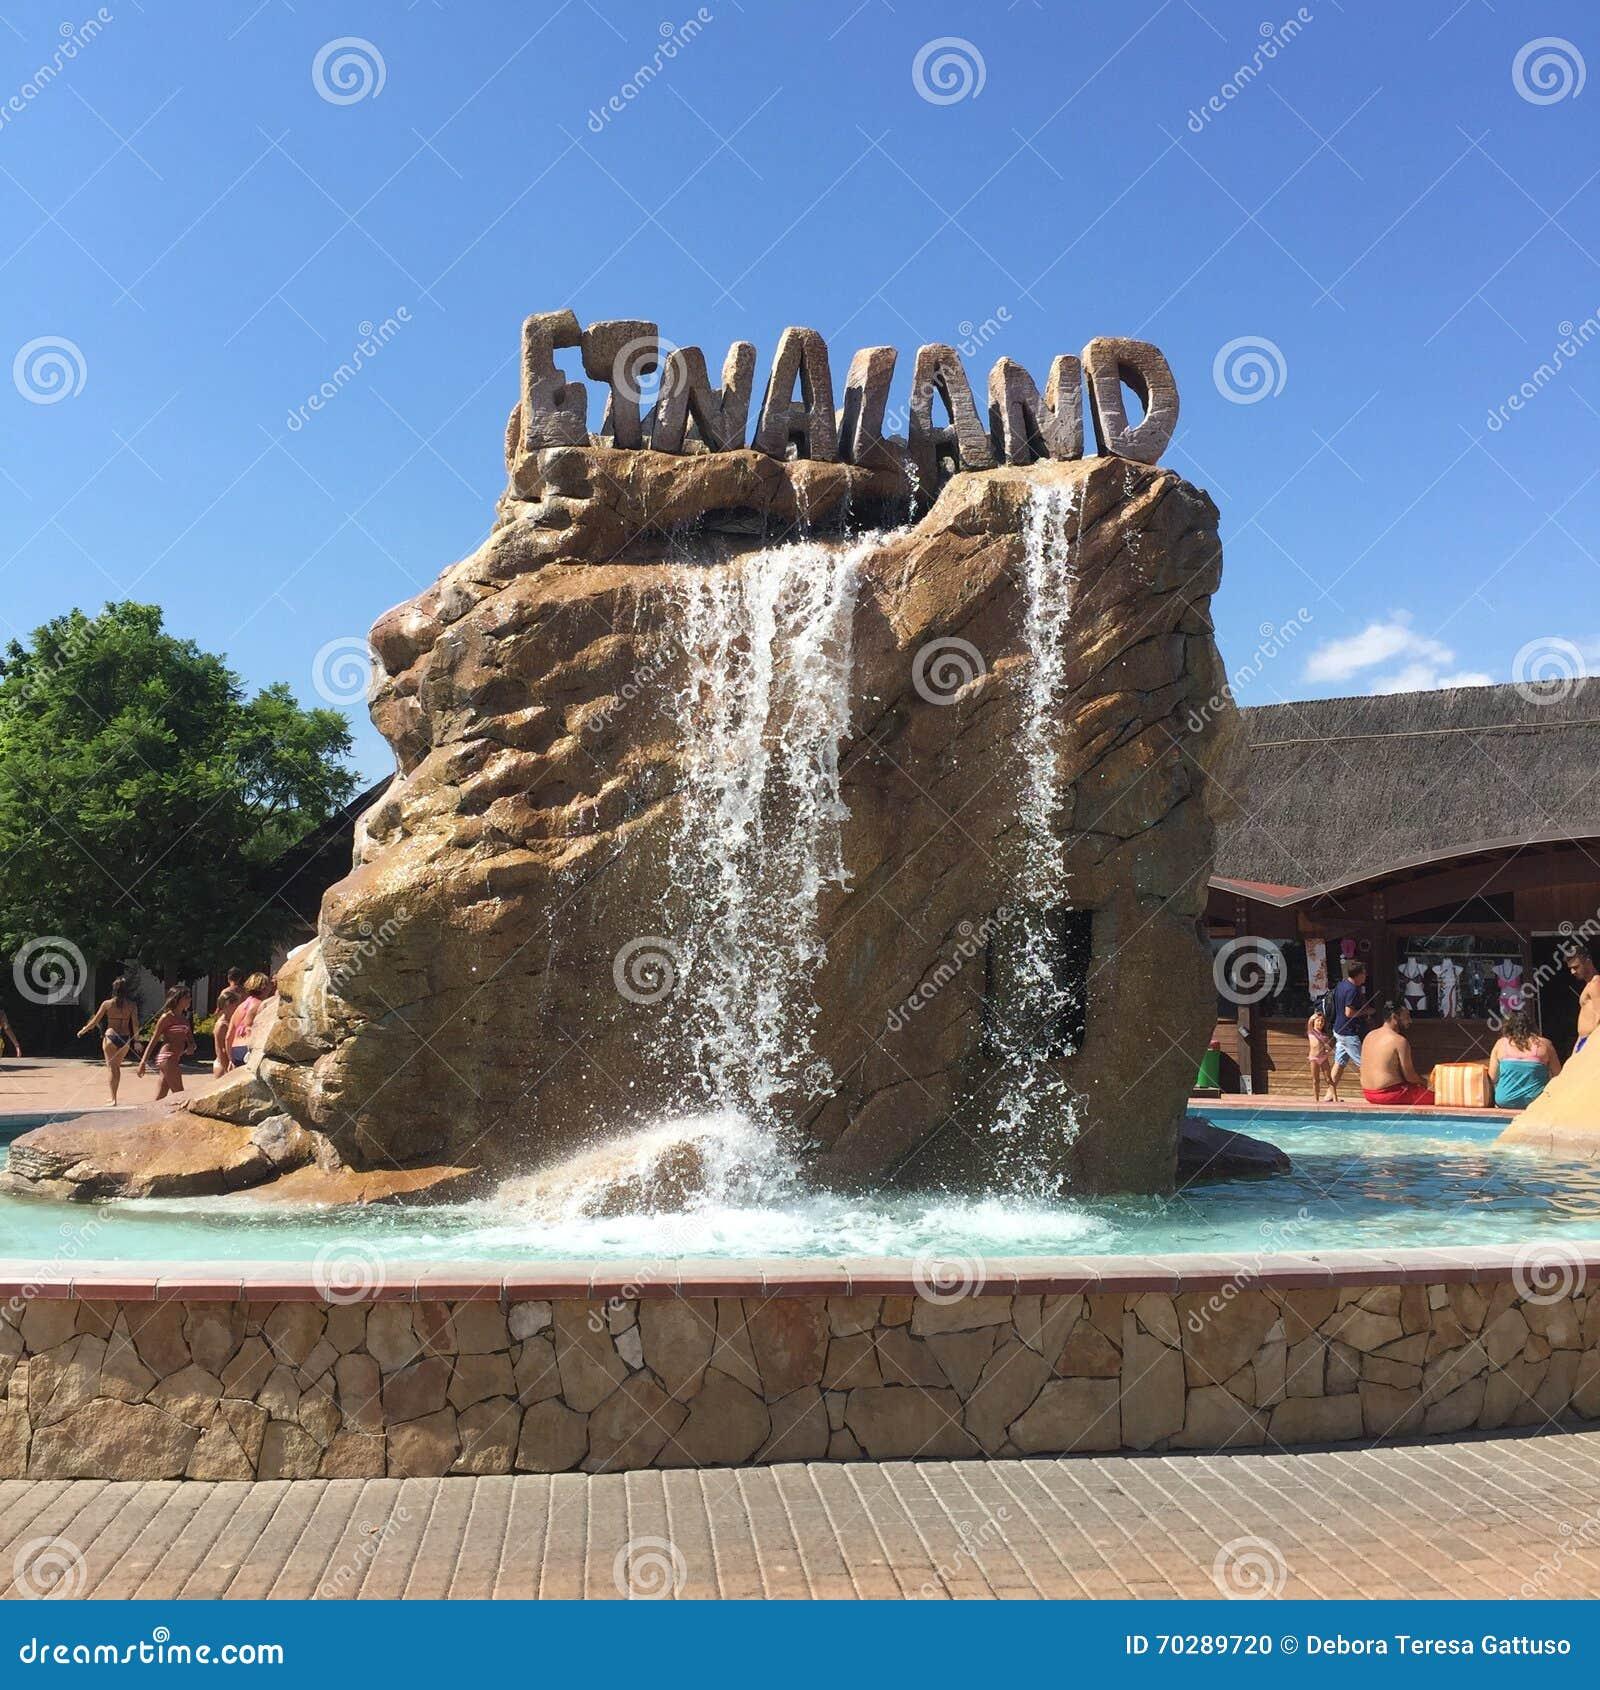 Entrada del parque del agua de etnaland imagen editorial for Parque japones precio de entrada